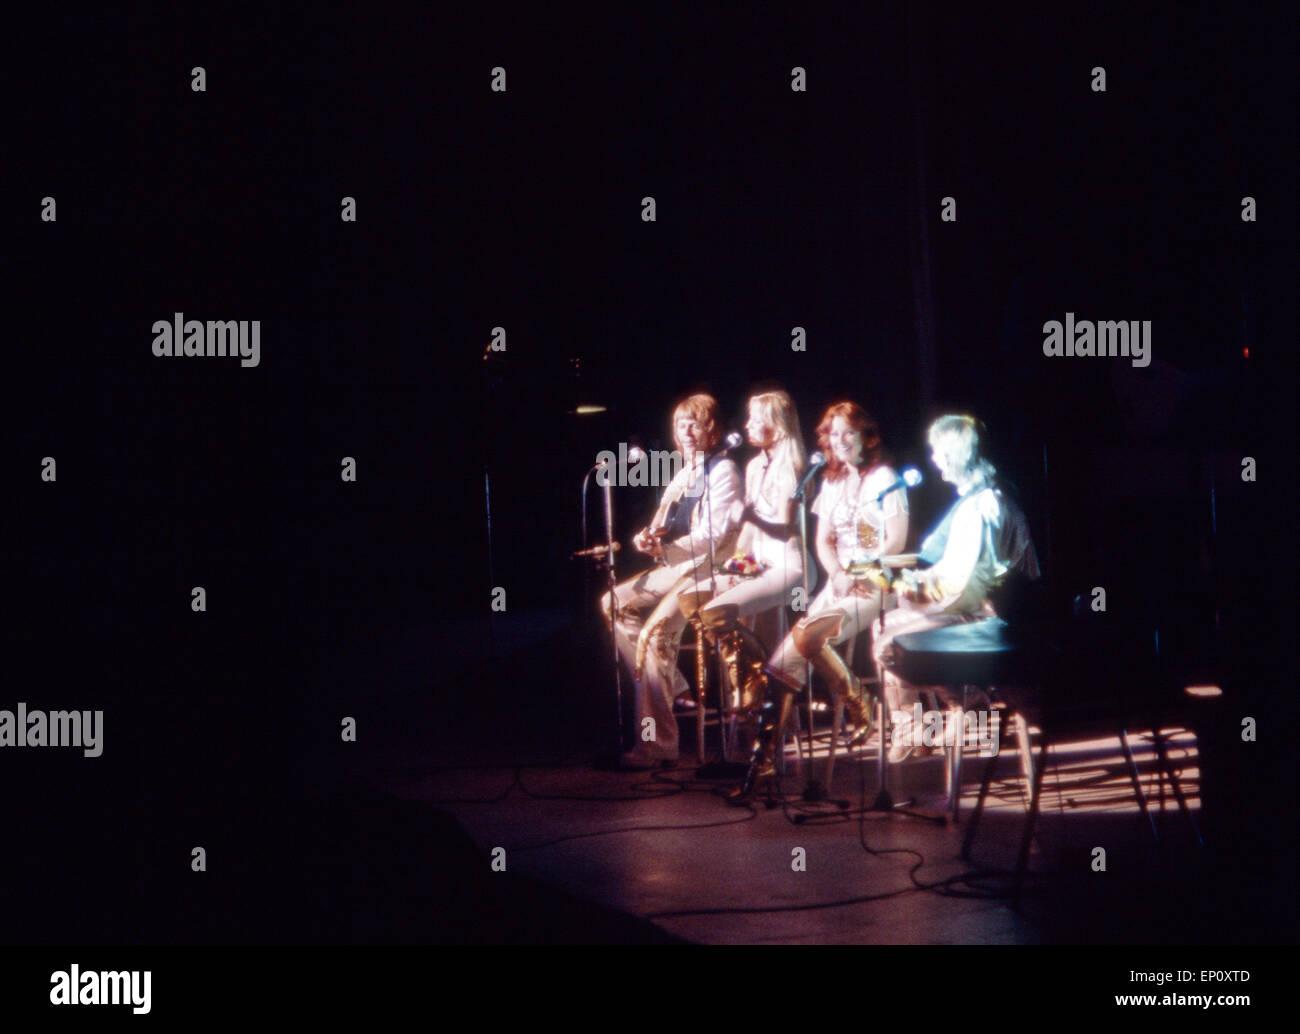 Gemeinsames Abschiedslied bei einem Konzert der schwedischen Popgruppe ABBA am 10. Februar 1977 in Hamburg, Deutschland Stock Photo